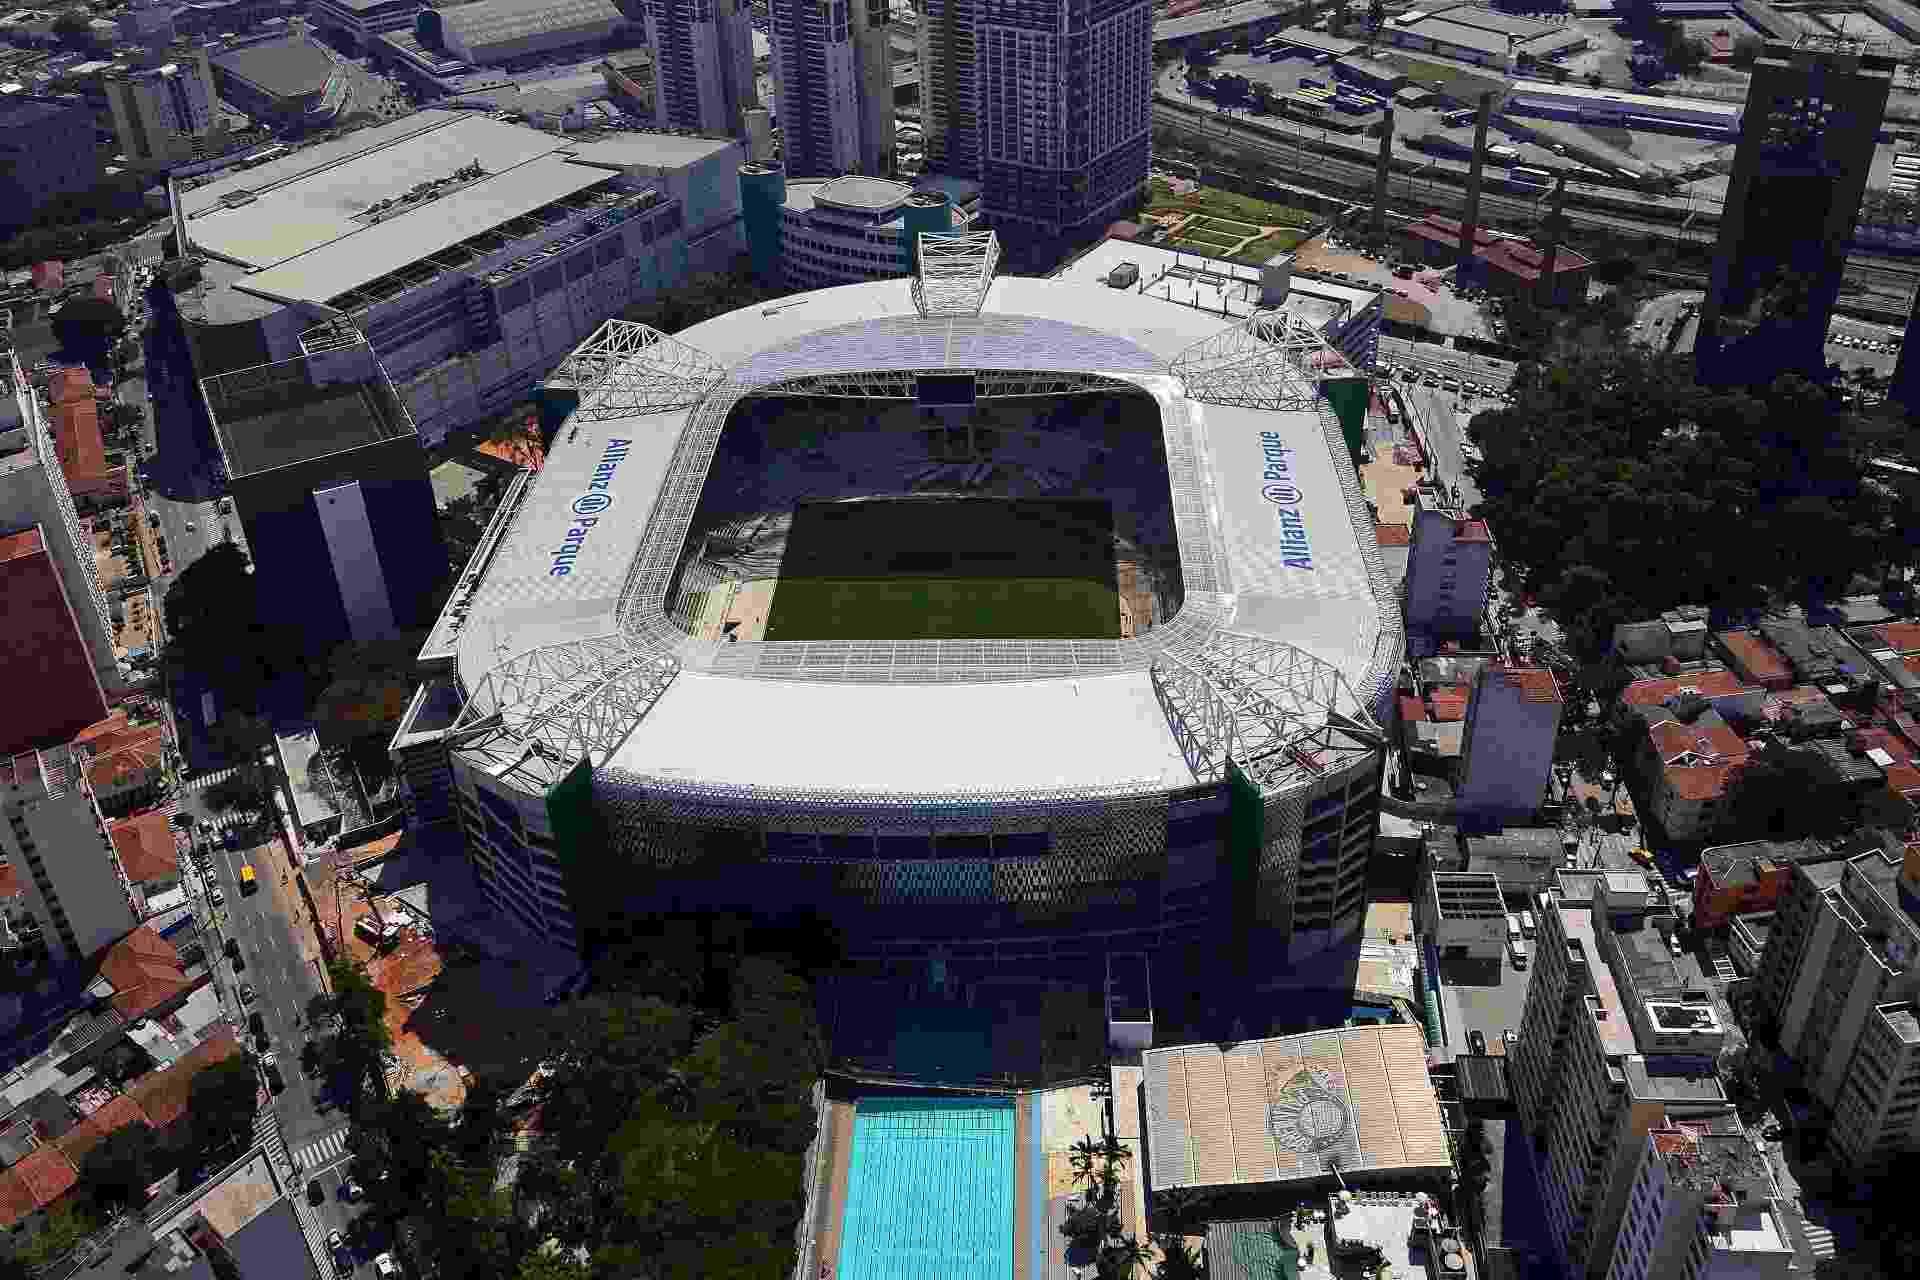 Allianz Parque visto de cima em foto aérea que mostra complexo - Thiago Fatichi/Divulgação